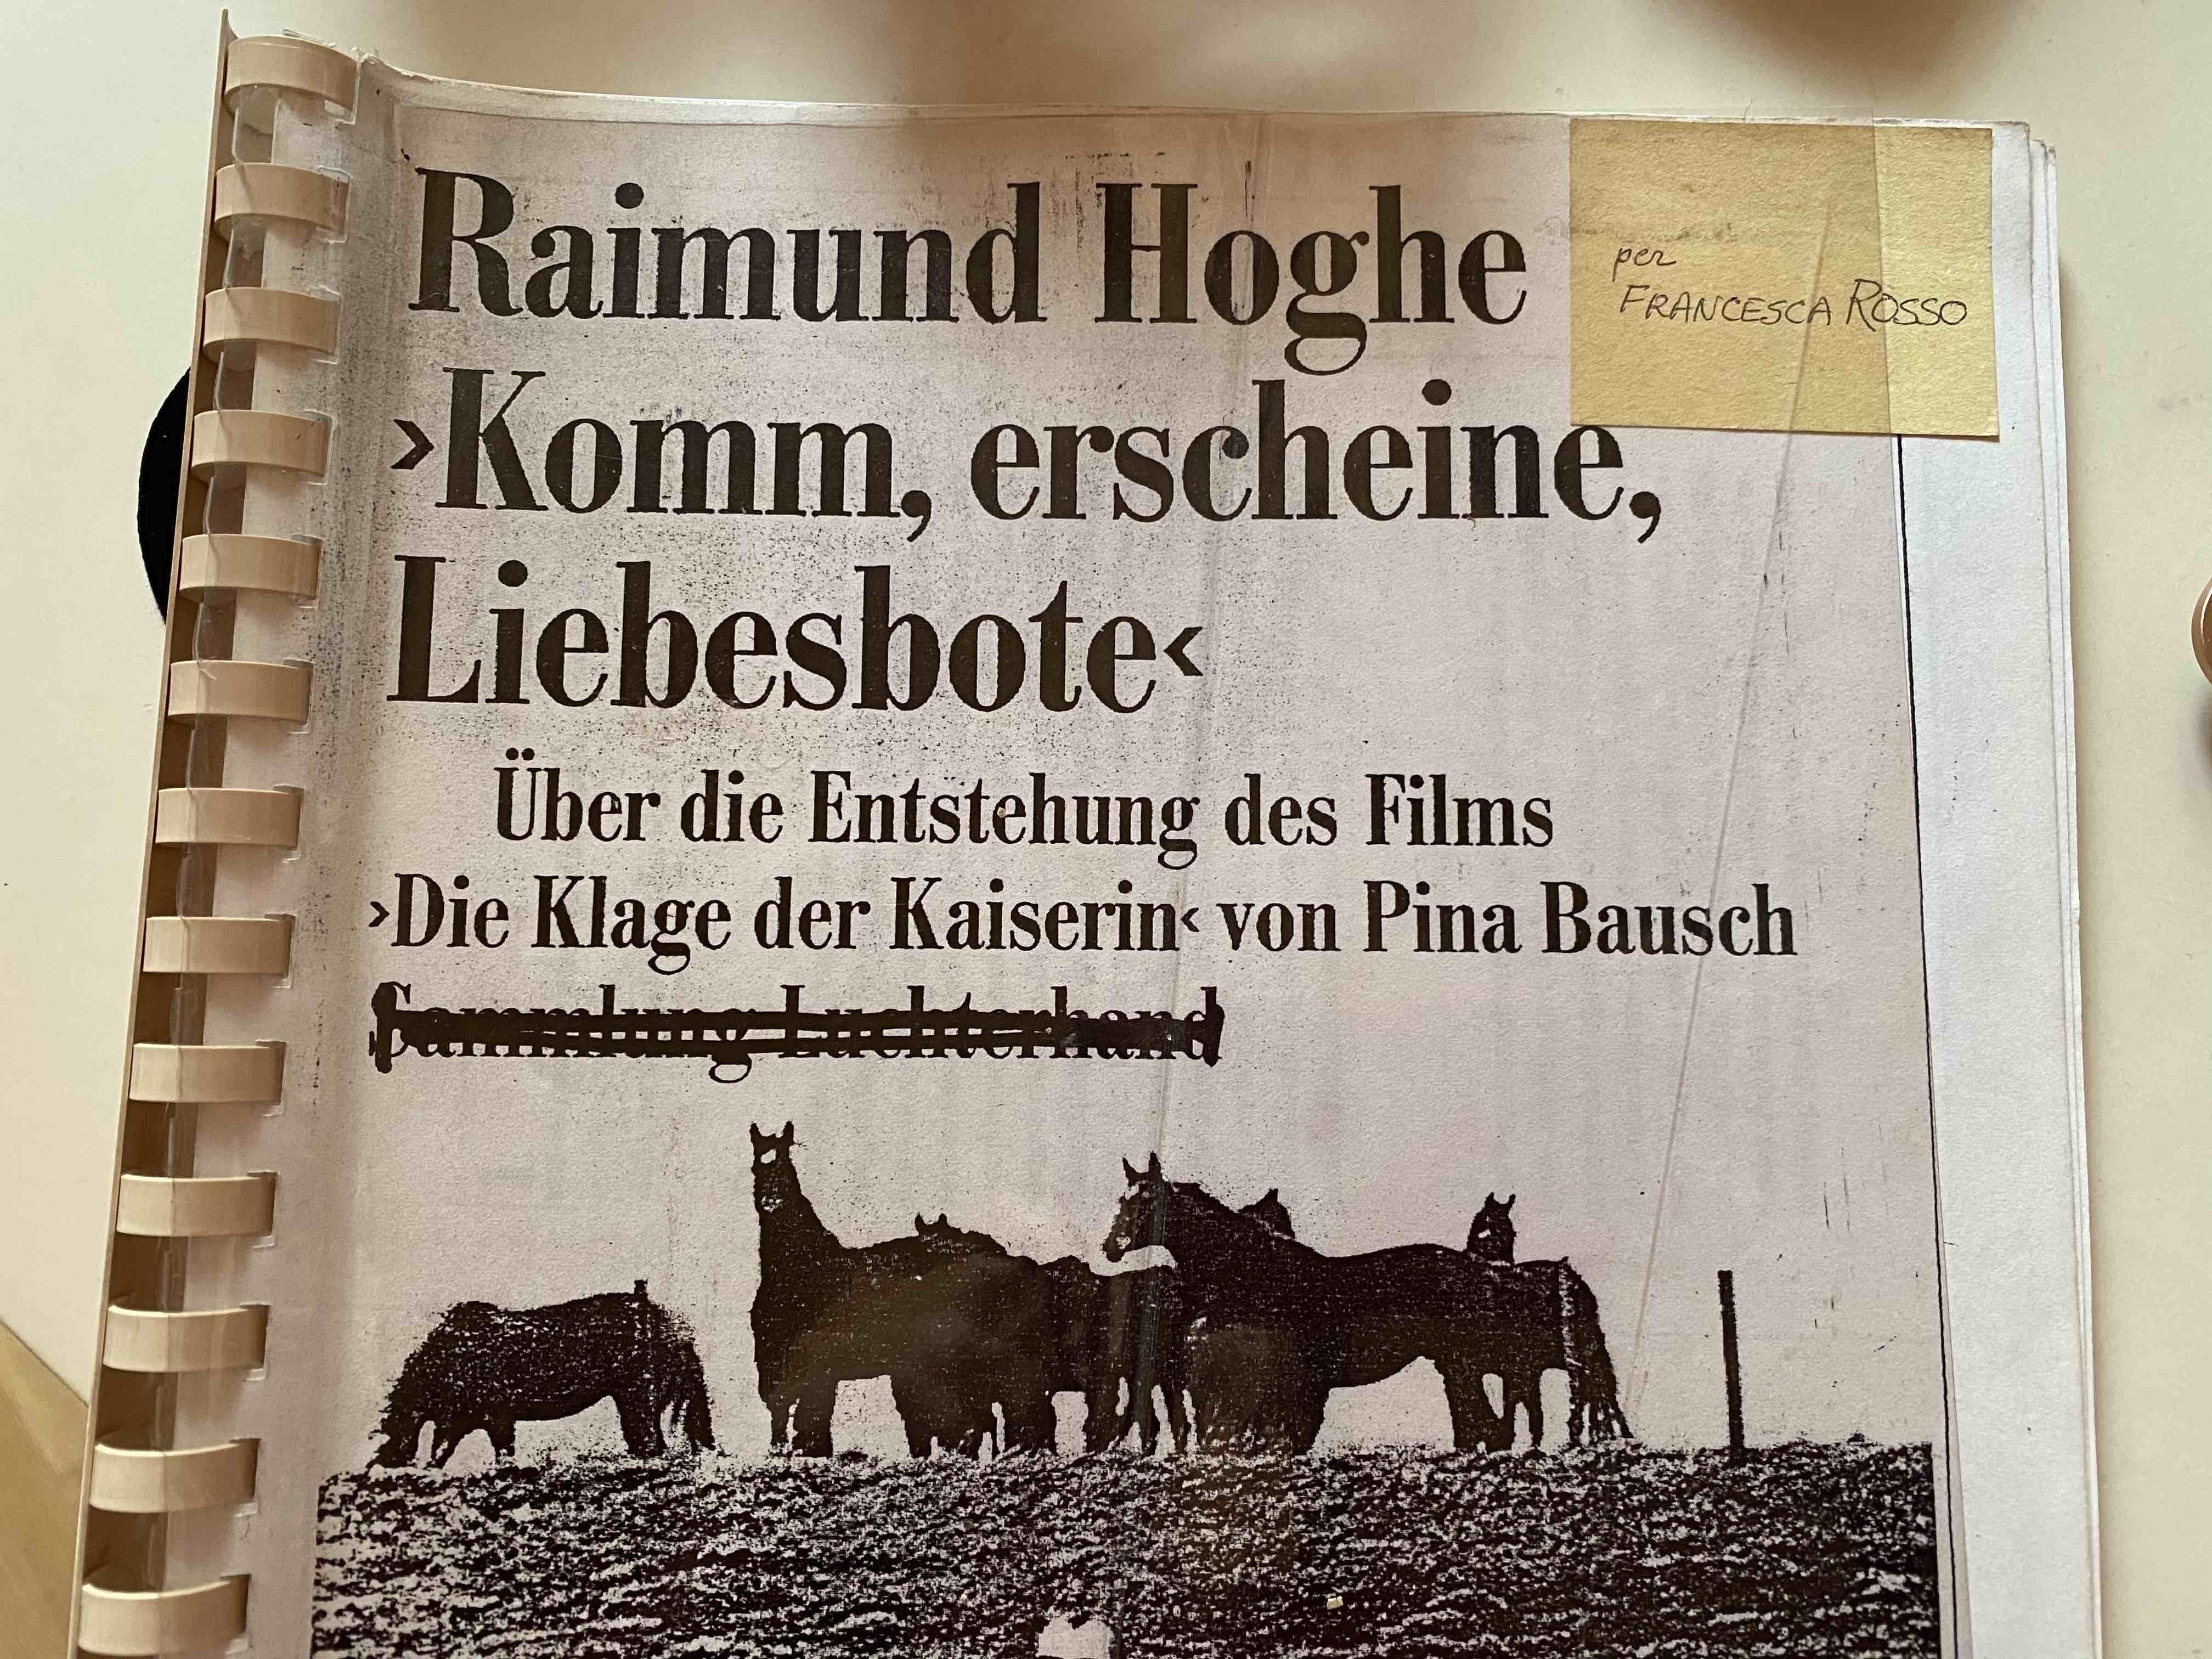 RaimundHoghe